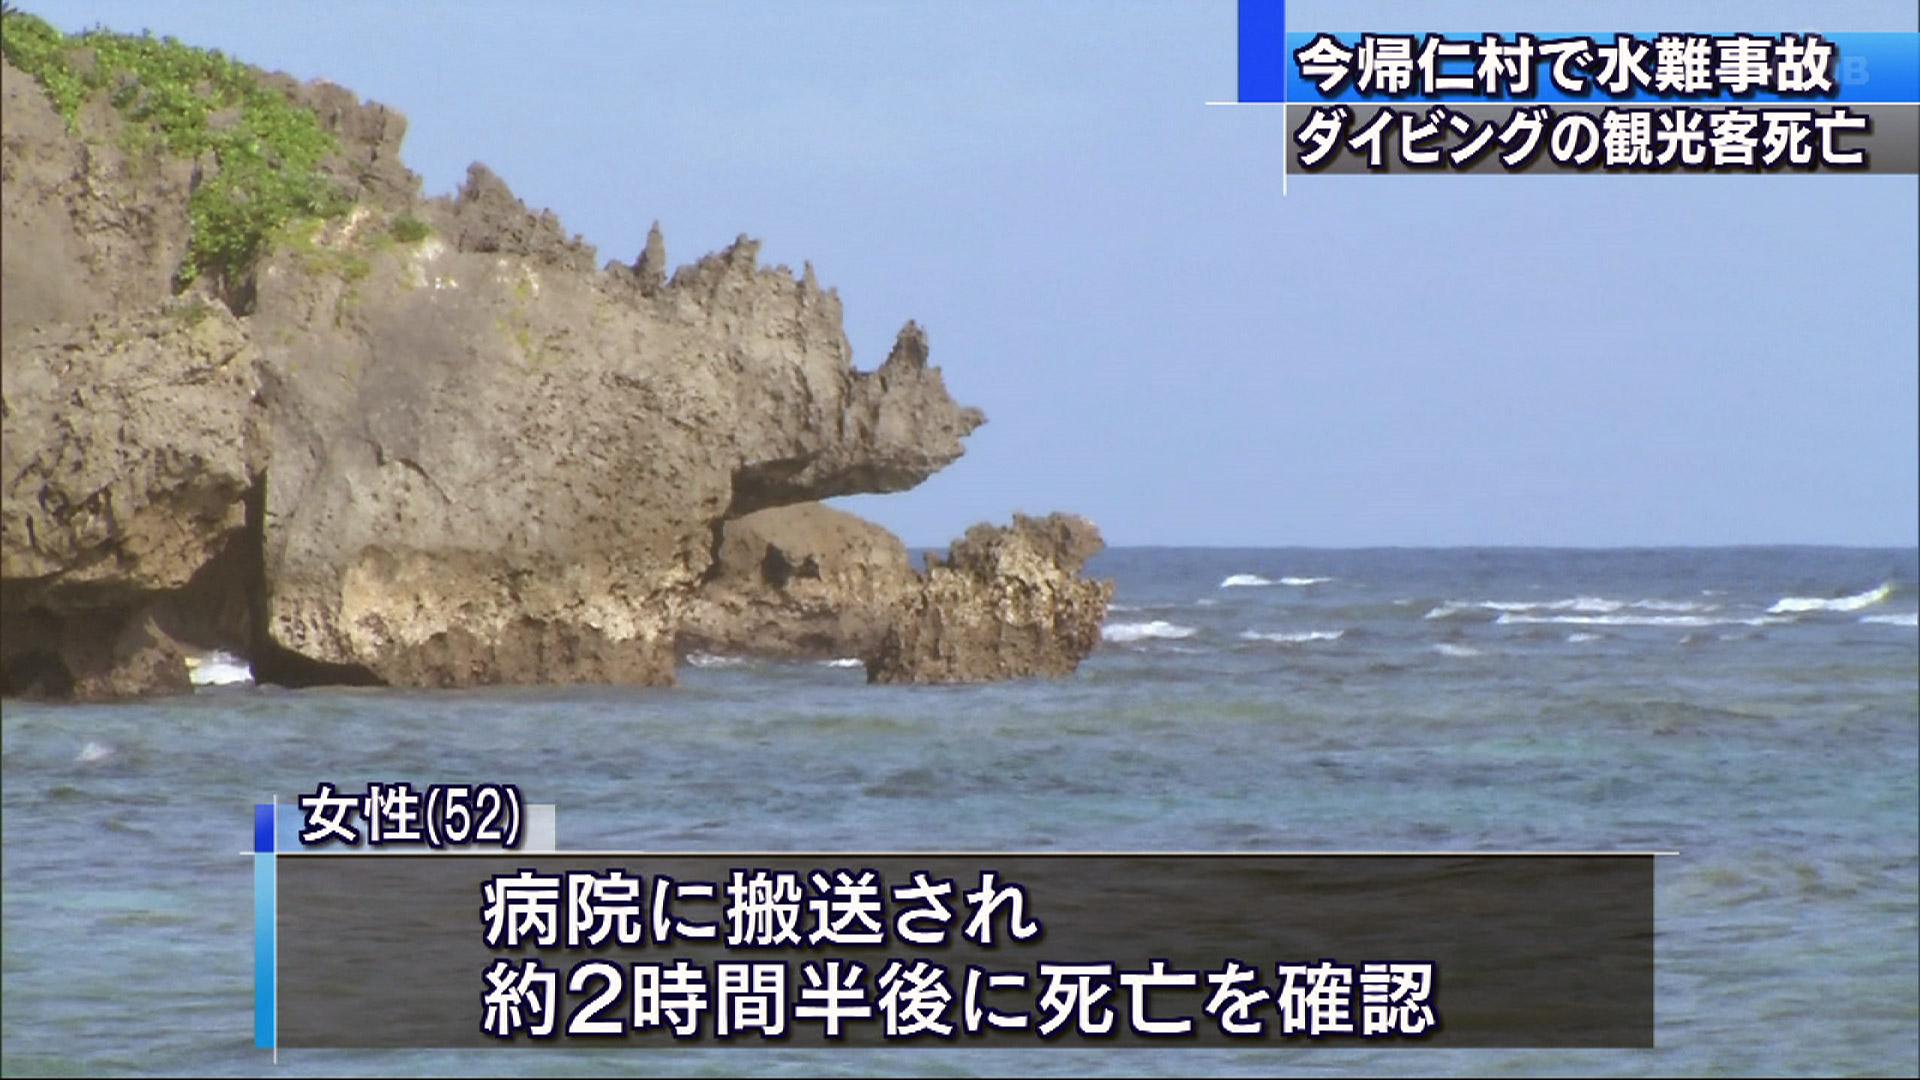 今帰仁村で観光客がダイビング中に死亡